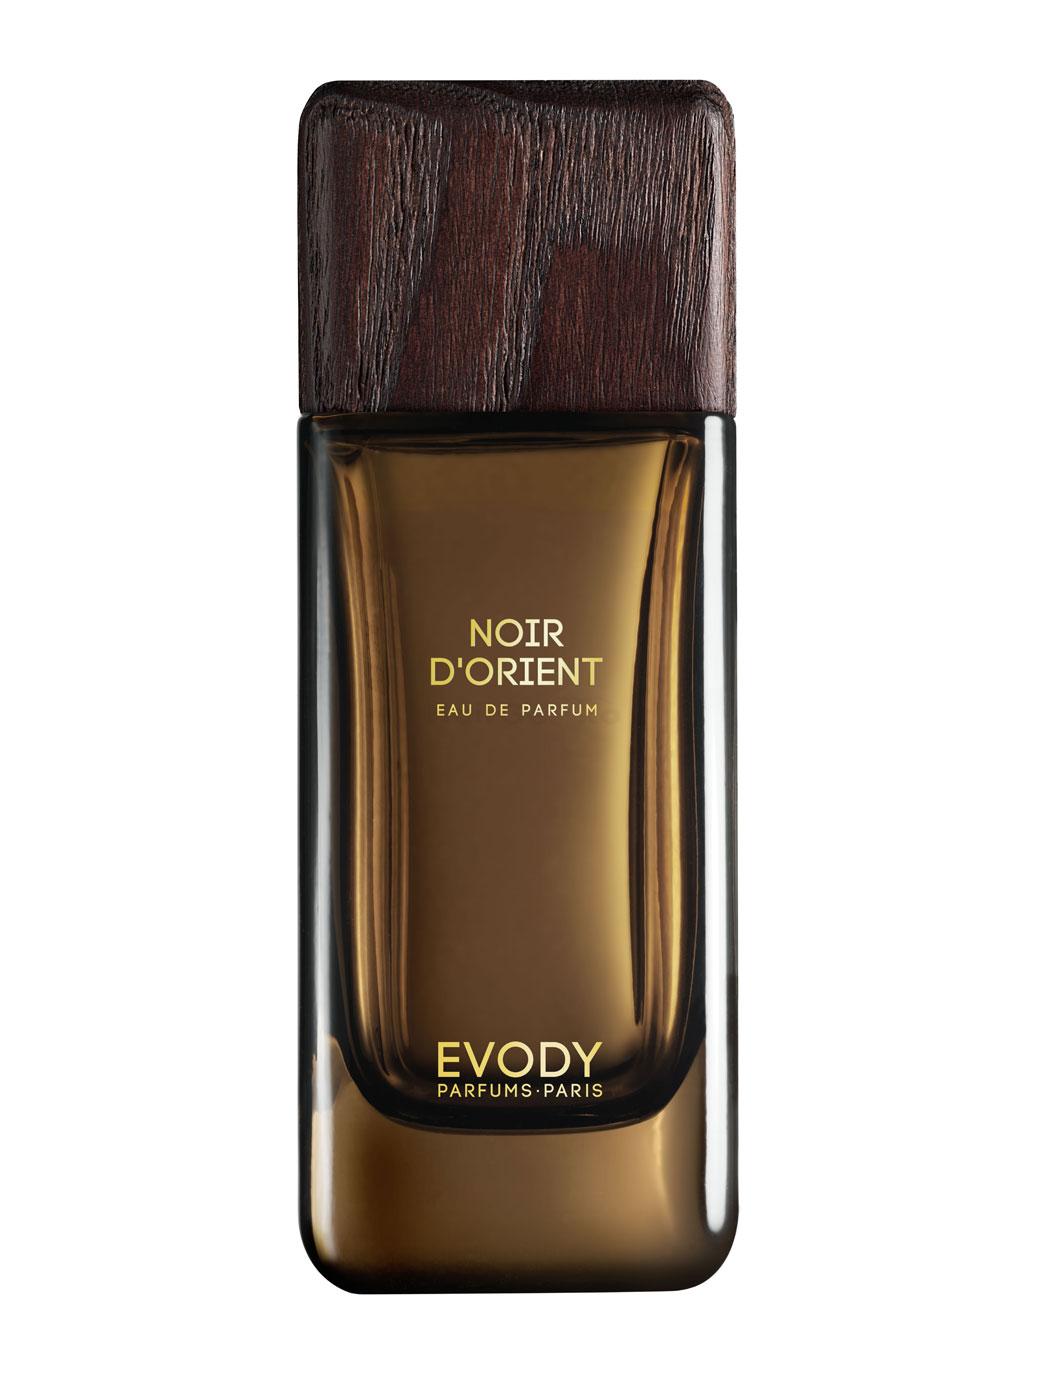 Evody - Collection D'Ailleurs - Noir D'Orient Eau de Parfum 100ml